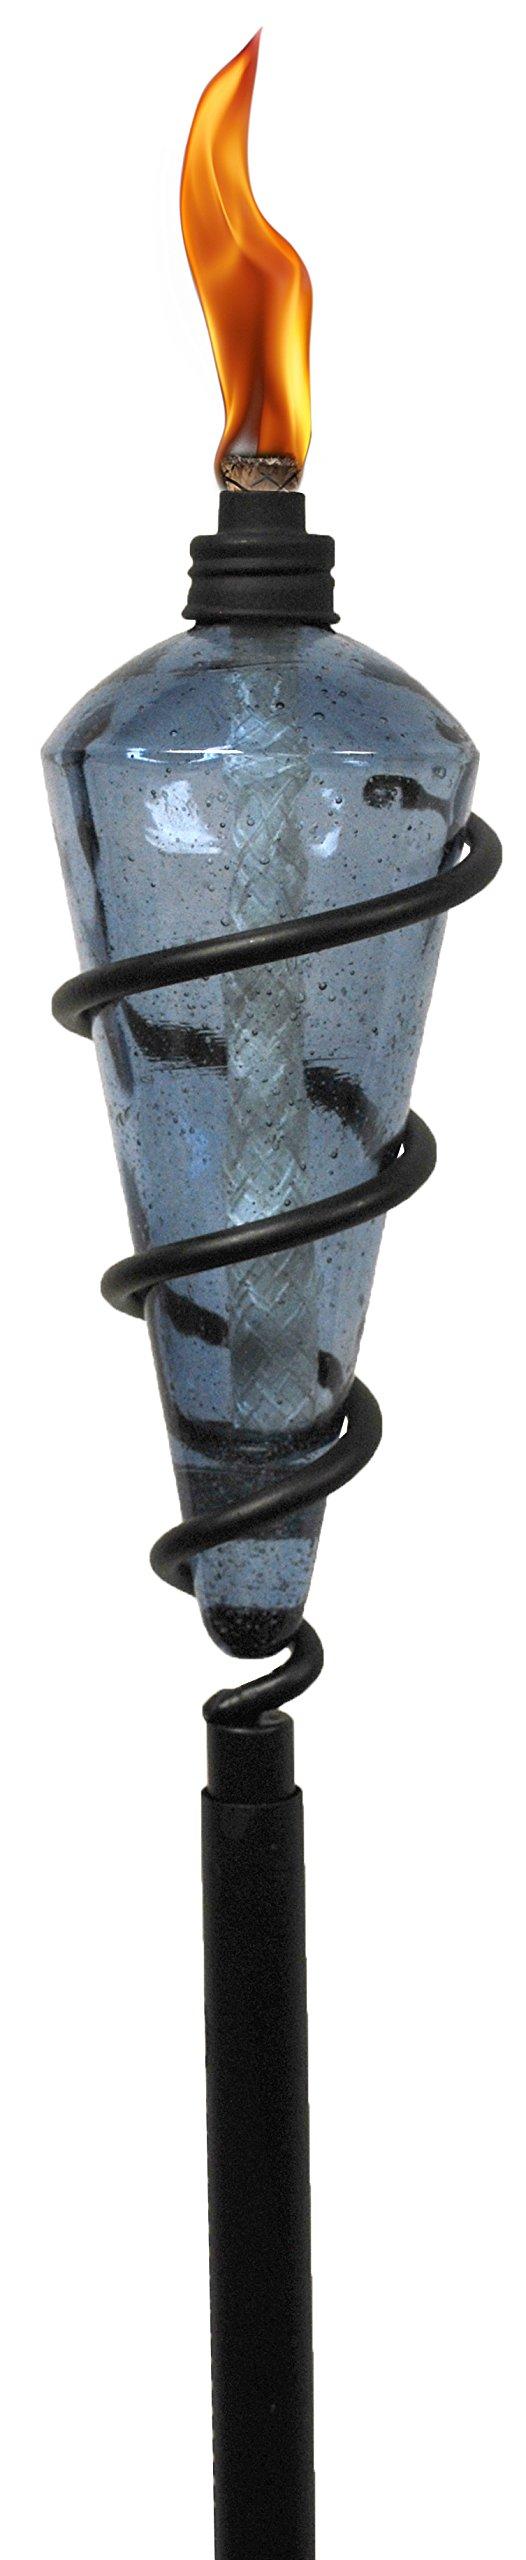 TIKI Brand Swirl Metal Torch